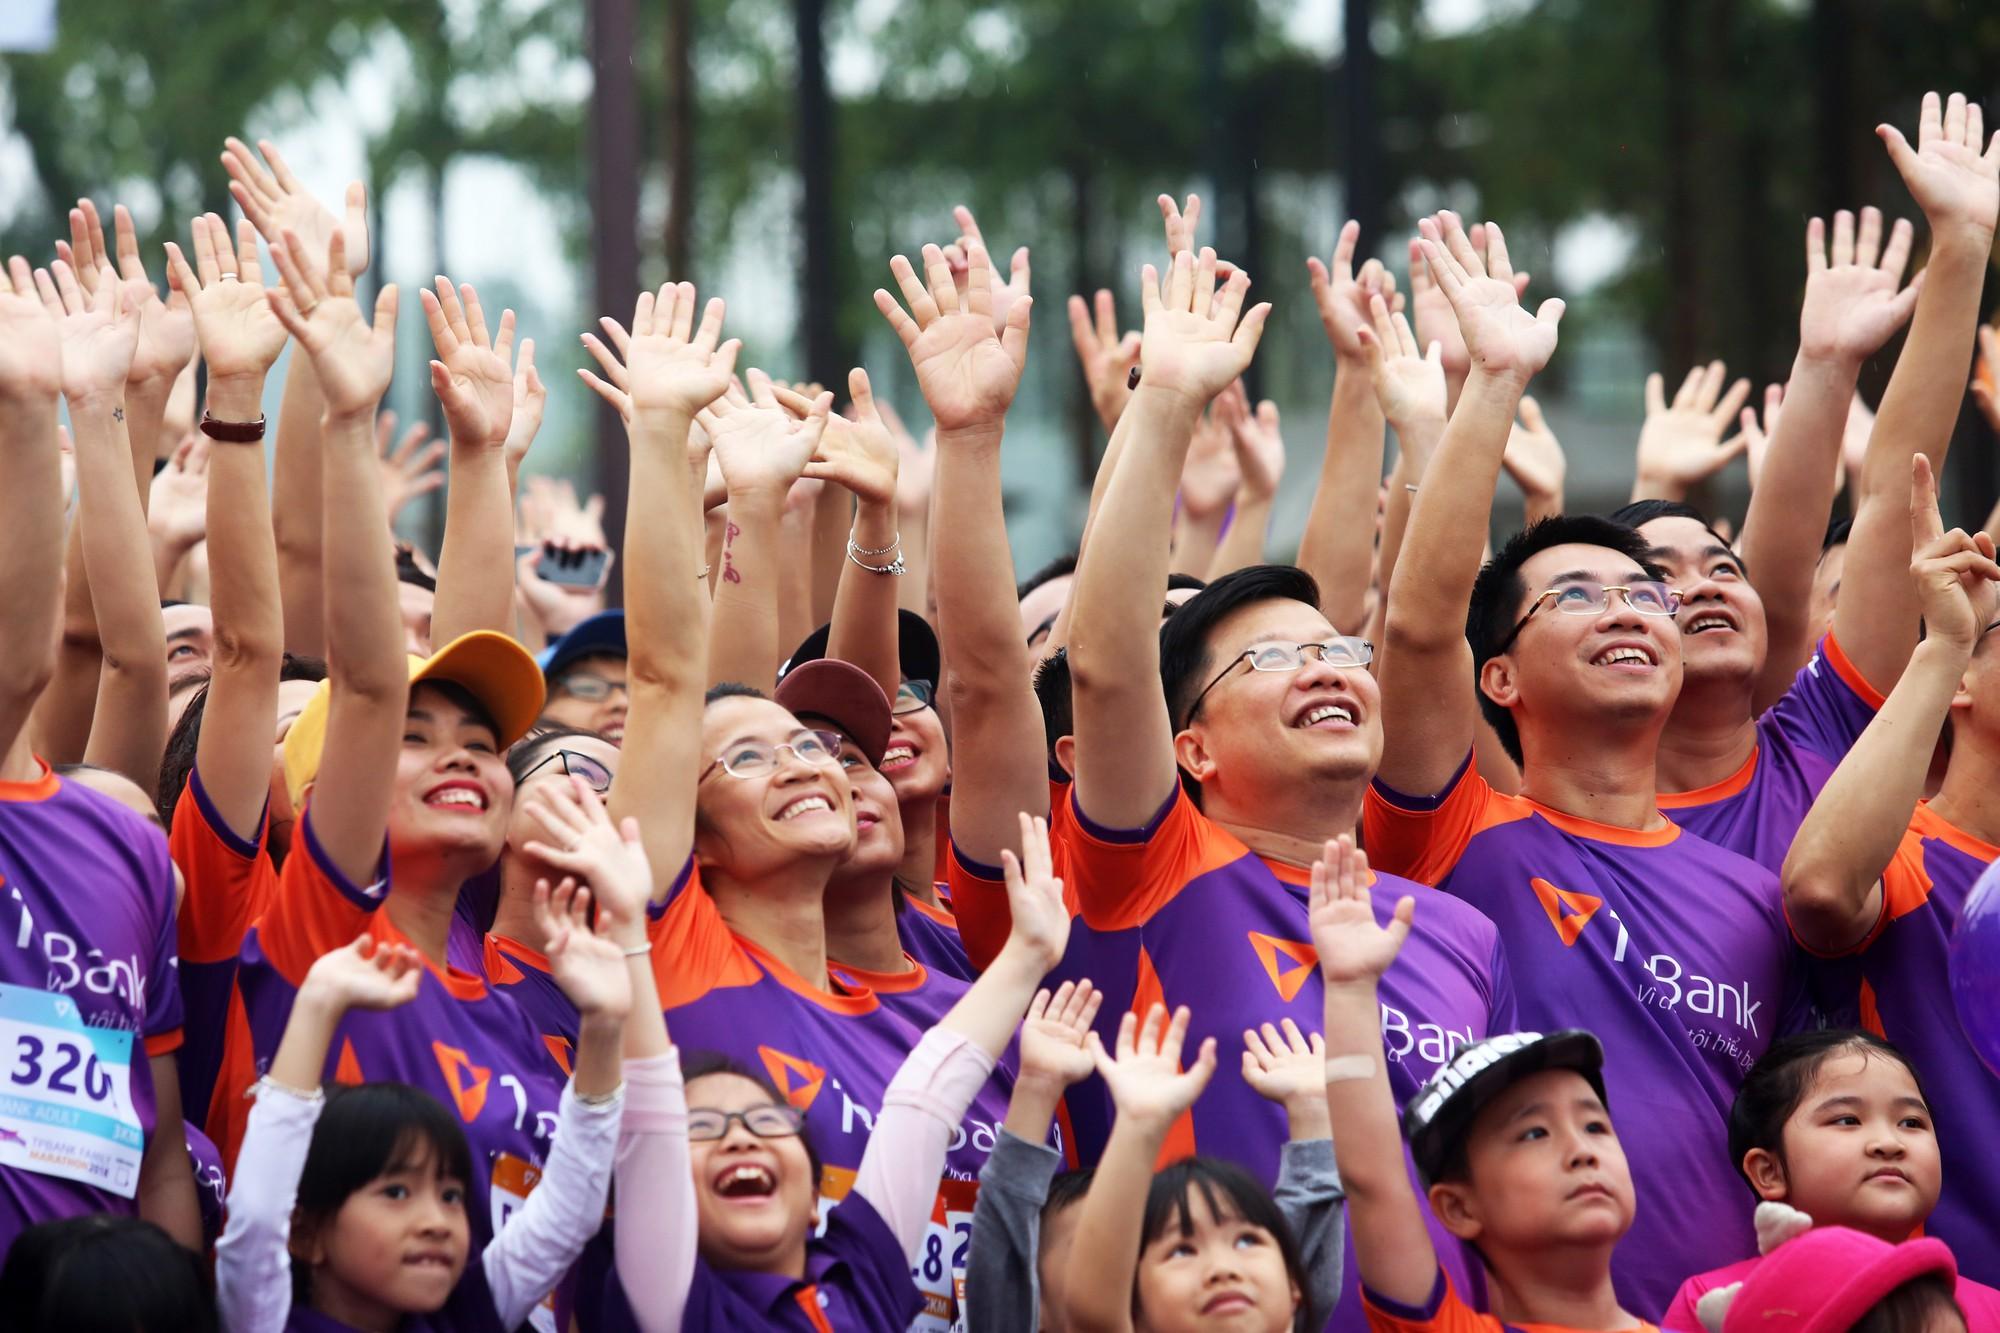 TPBank ra mắt CLB chạy với sự kiện 1.200 người tham dự - Ảnh 1.